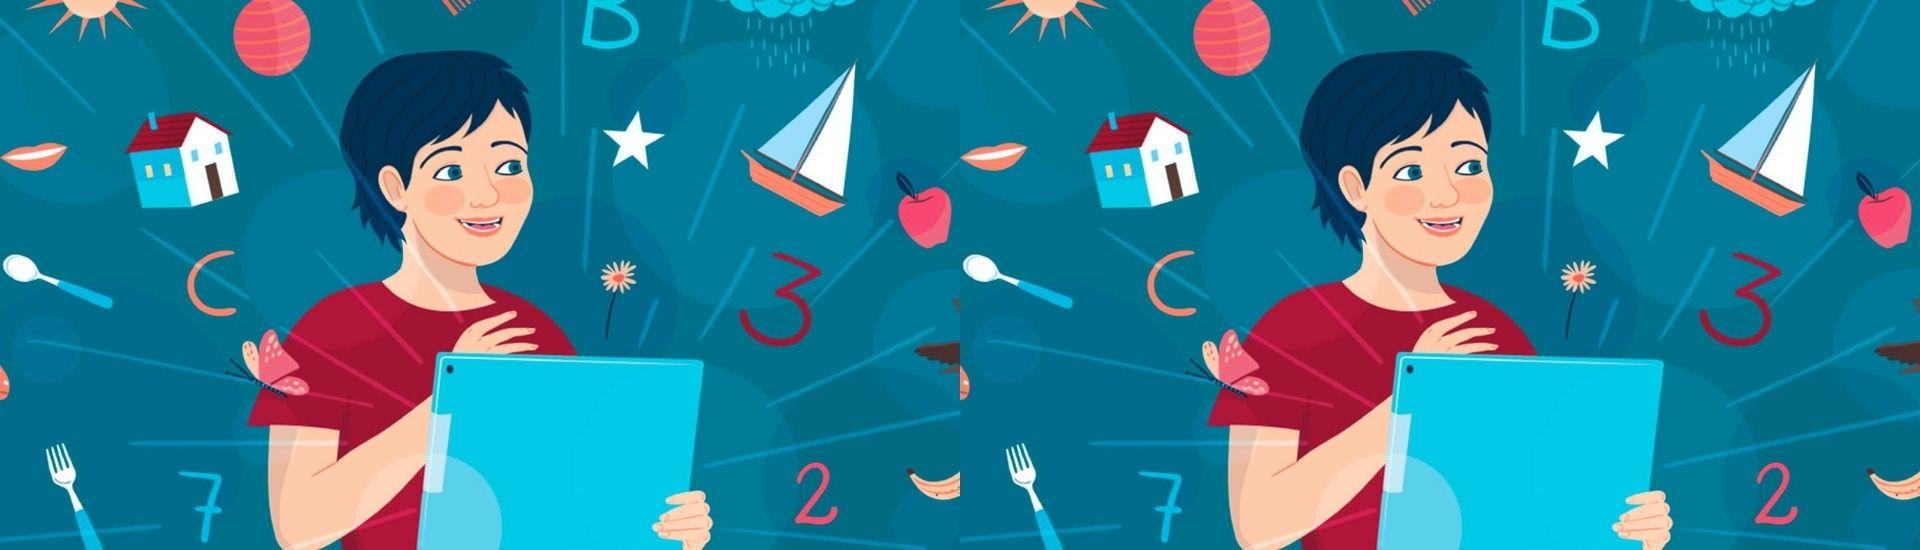 Ilustración niño con números a su alrededor y objetos